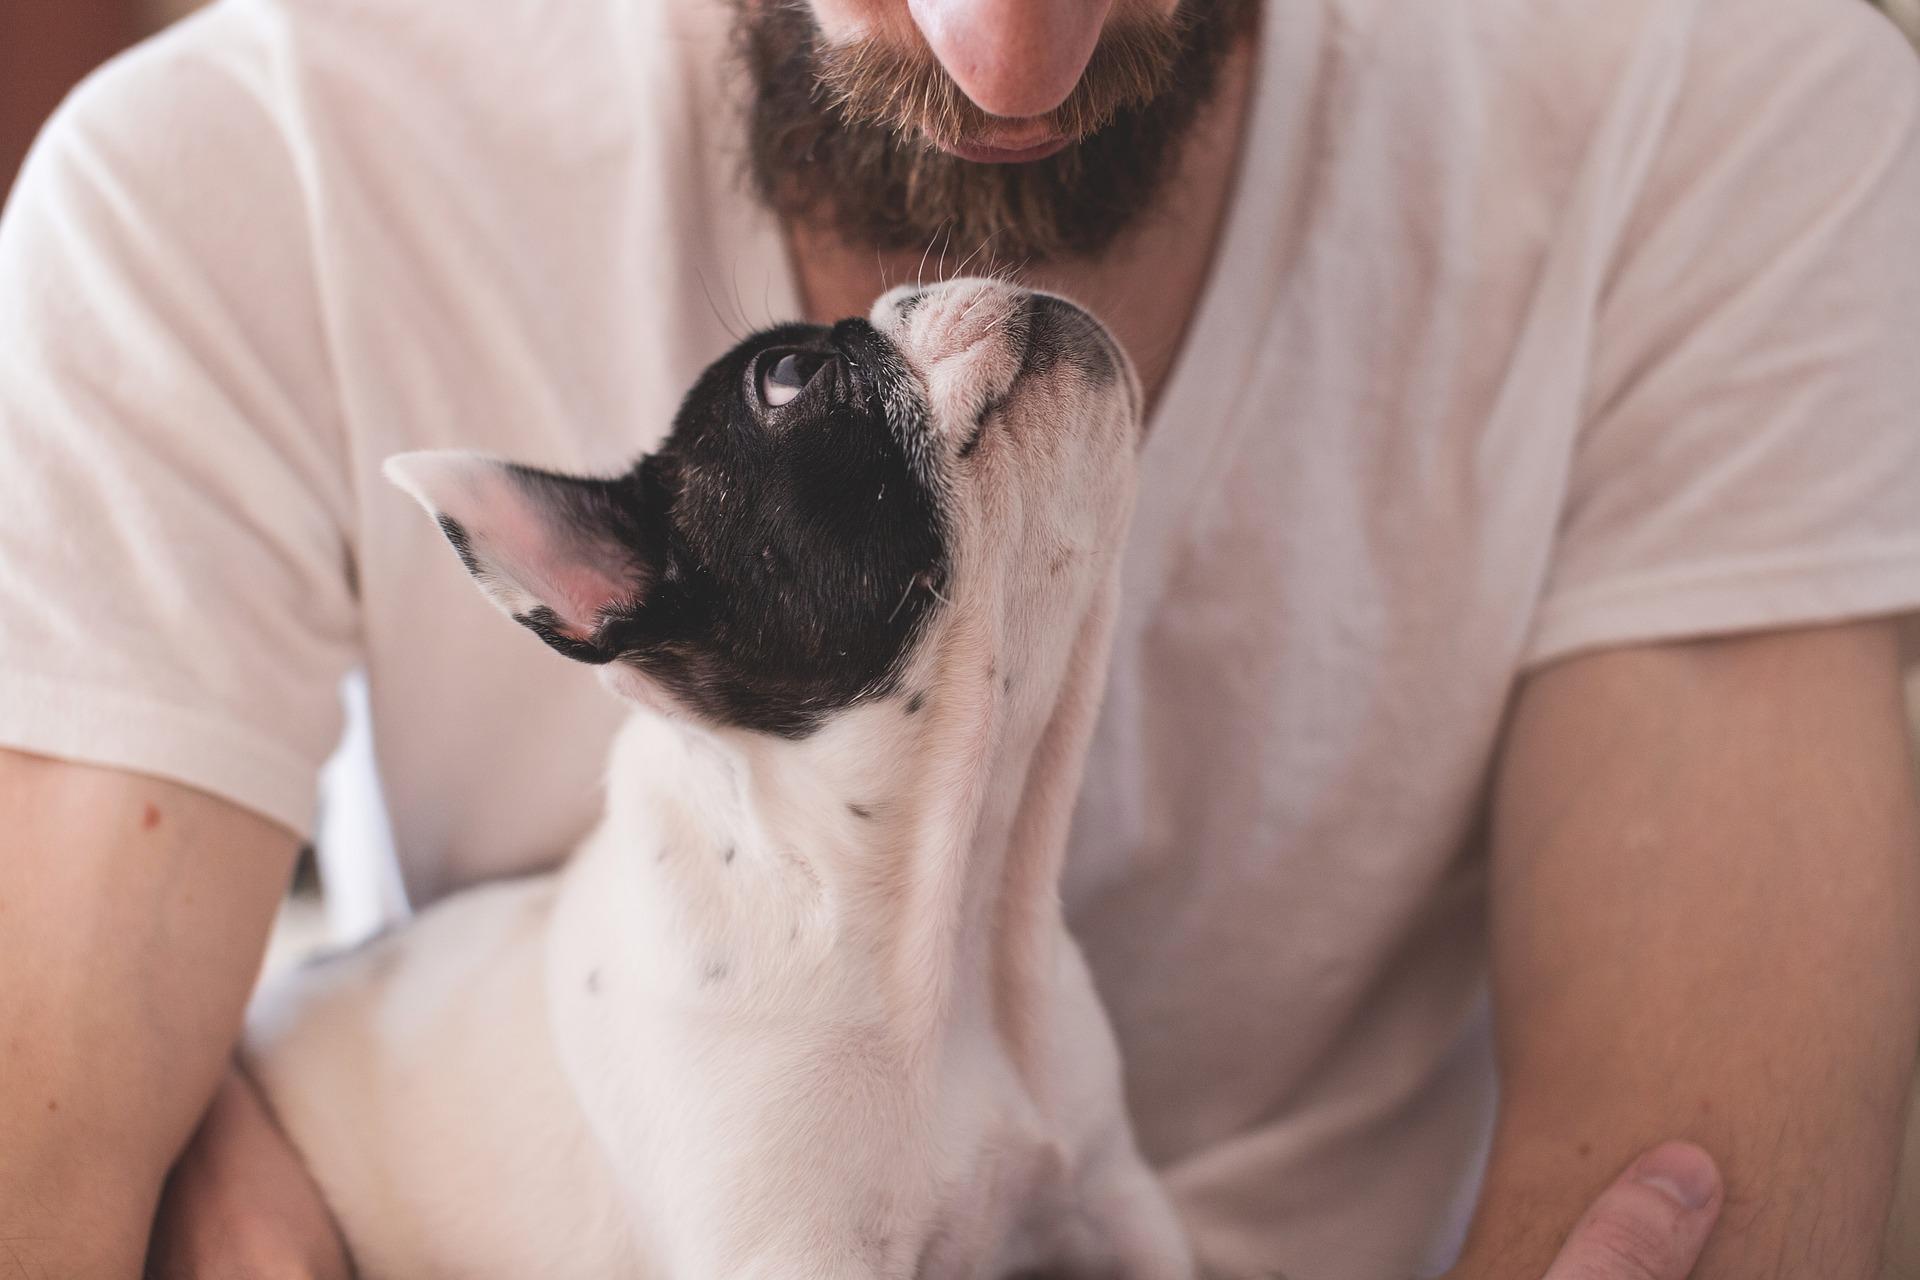 犬の巨大食道症(食道拡張症)を徹底解説!犬の病気を正しく知ろう